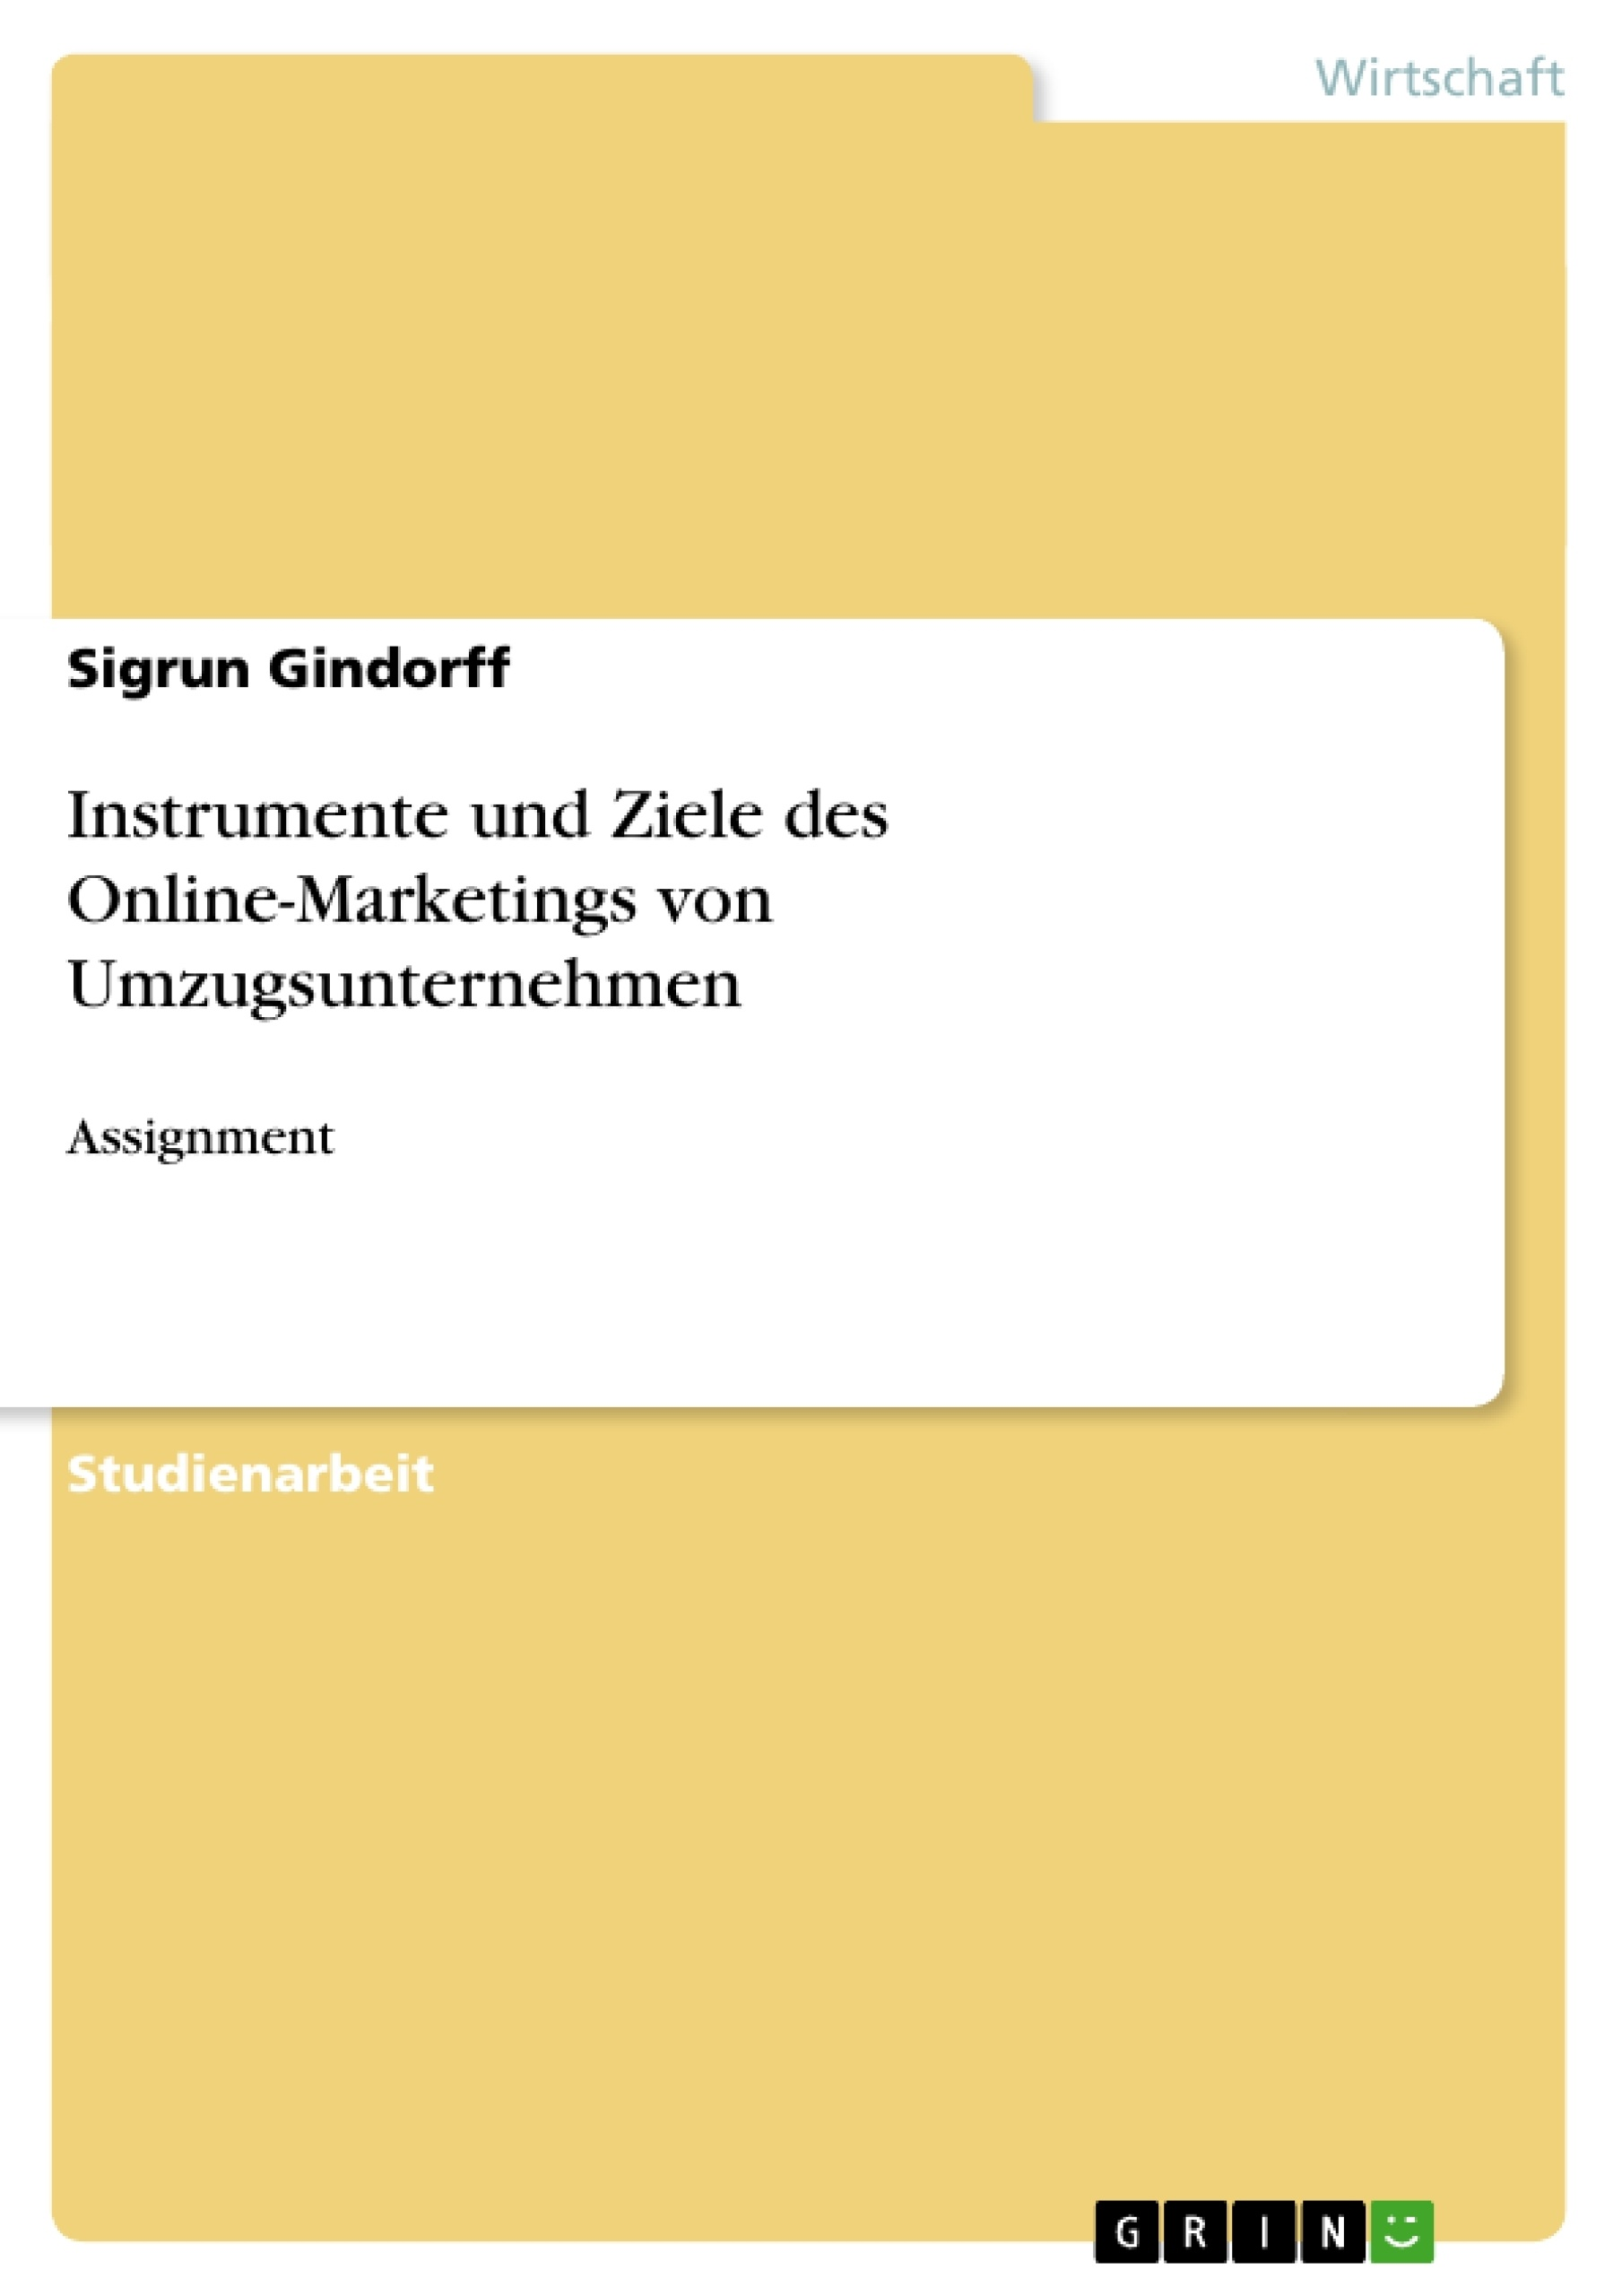 Titel: Instrumente und Ziele des Online-Marketings von Umzugsunternehmen